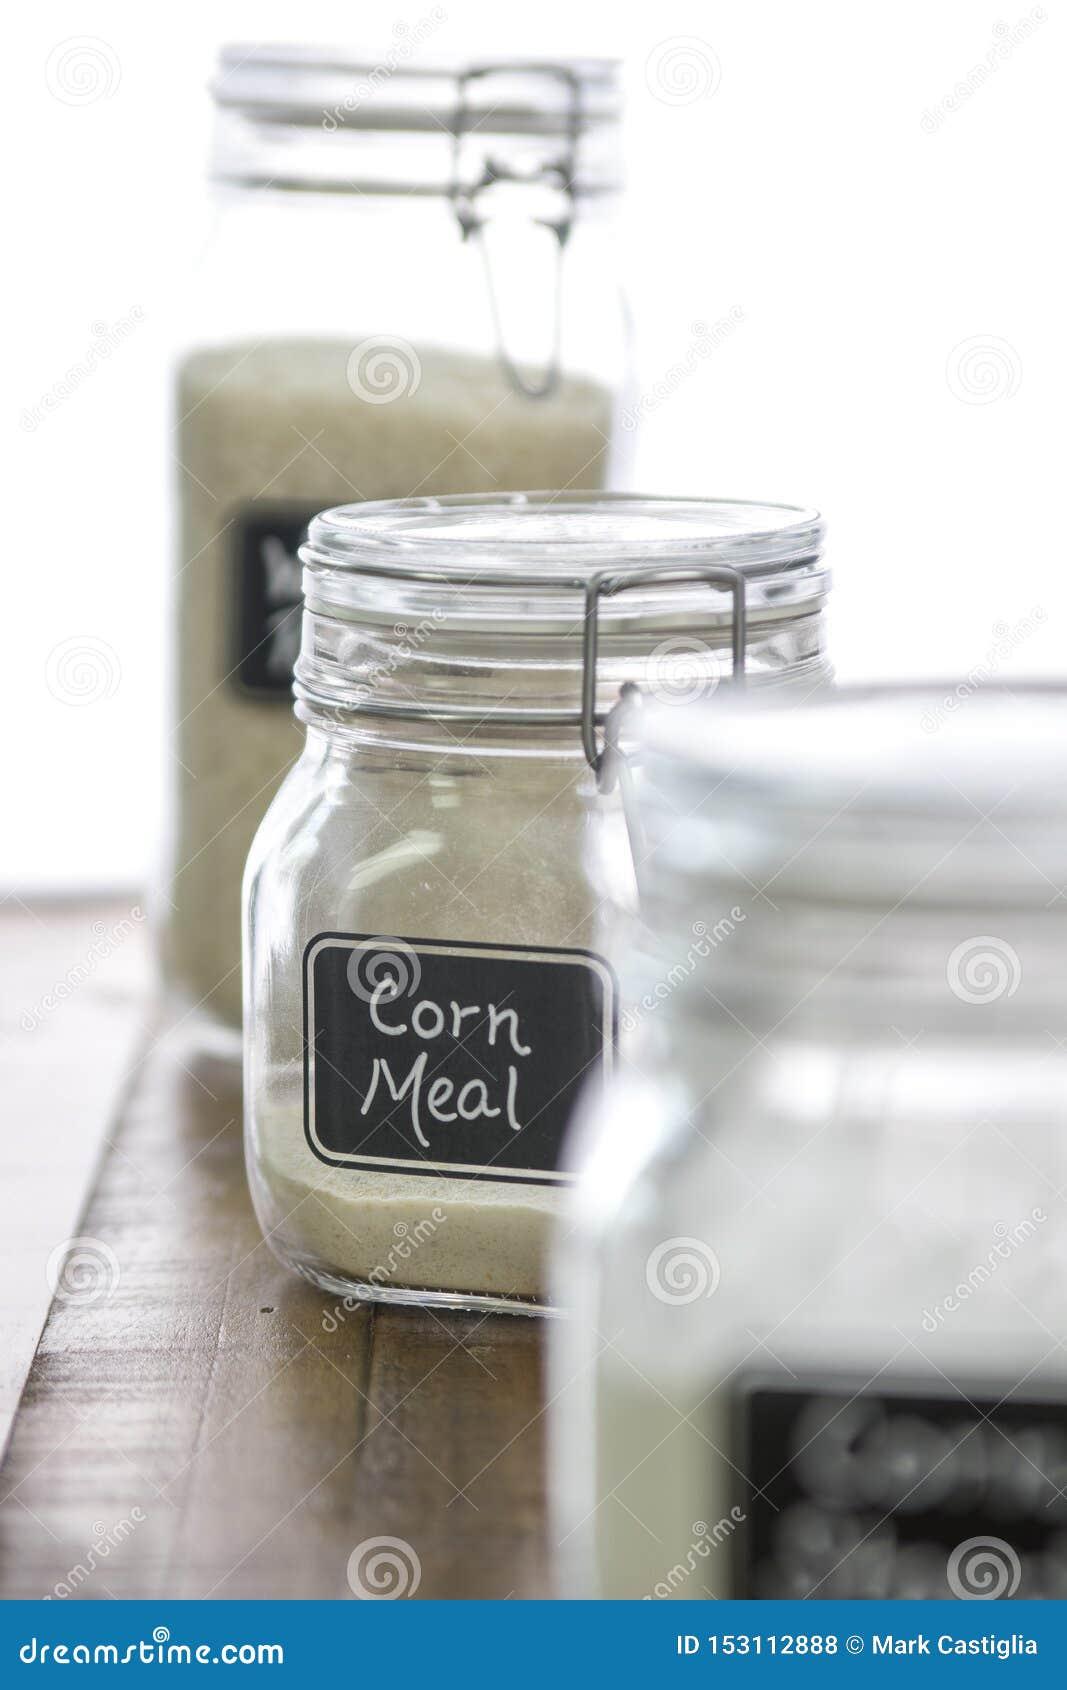 Γεύμα καλαμποκιού σε ένα βάζο με άλλα συστατικά ψησίματος επάνω από το υπόβαθρο εστίασης